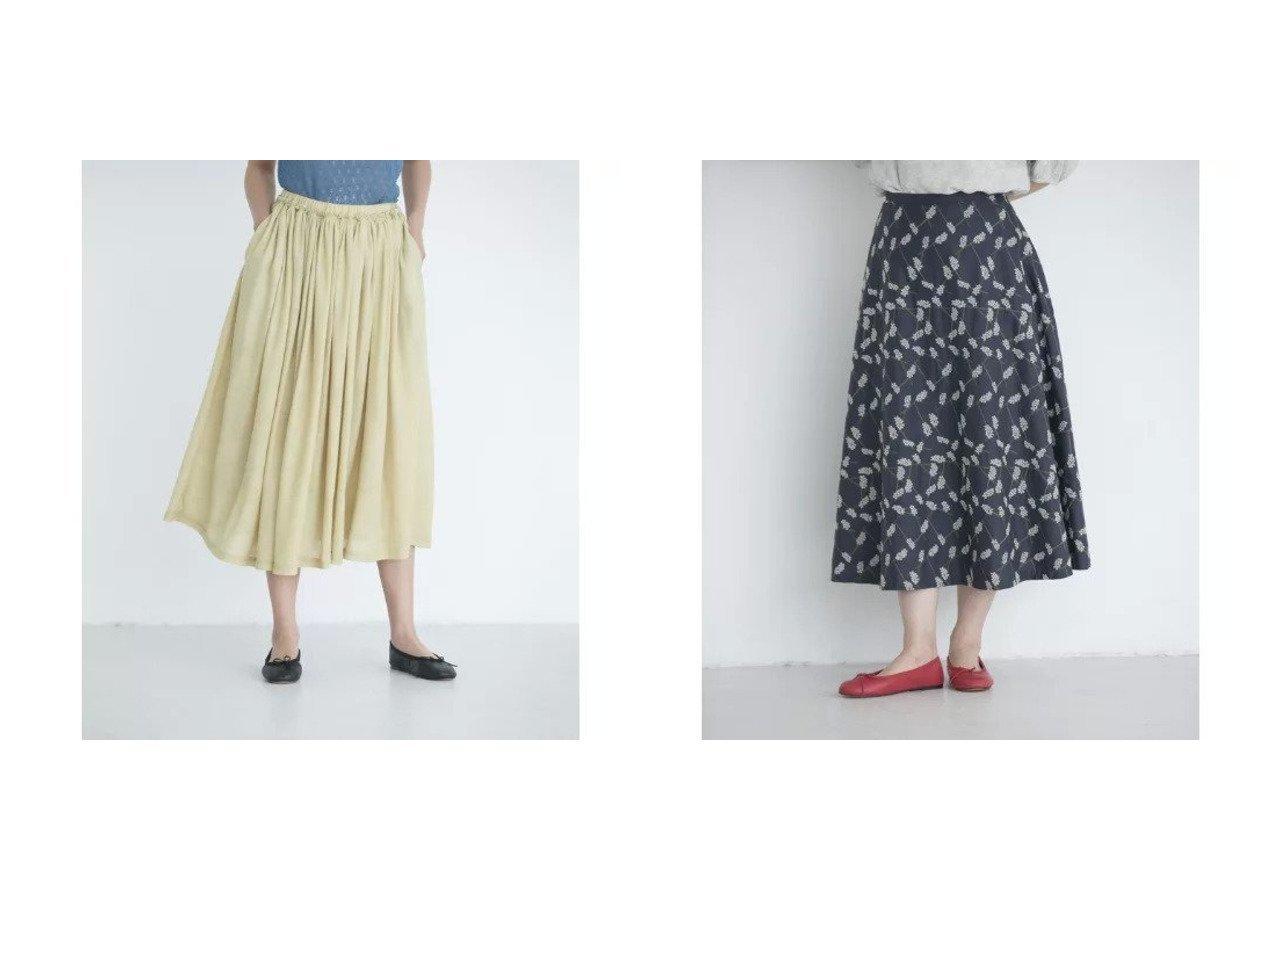 【Sally Scott/サリースコット】のスカート&スカート 【スカート】おすすめ!人気、トレンド・レディースファッションの通販 おすすめで人気の流行・トレンド、ファッションの通販商品 メンズファッション・キッズファッション・インテリア・家具・レディースファッション・服の通販 founy(ファニー) https://founy.com/ ファッション Fashion レディースファッション WOMEN スカート Skirt シンプル テクスチャー フレア ポケット マキシ ラベンダー ロング |ID:crp329100000031416